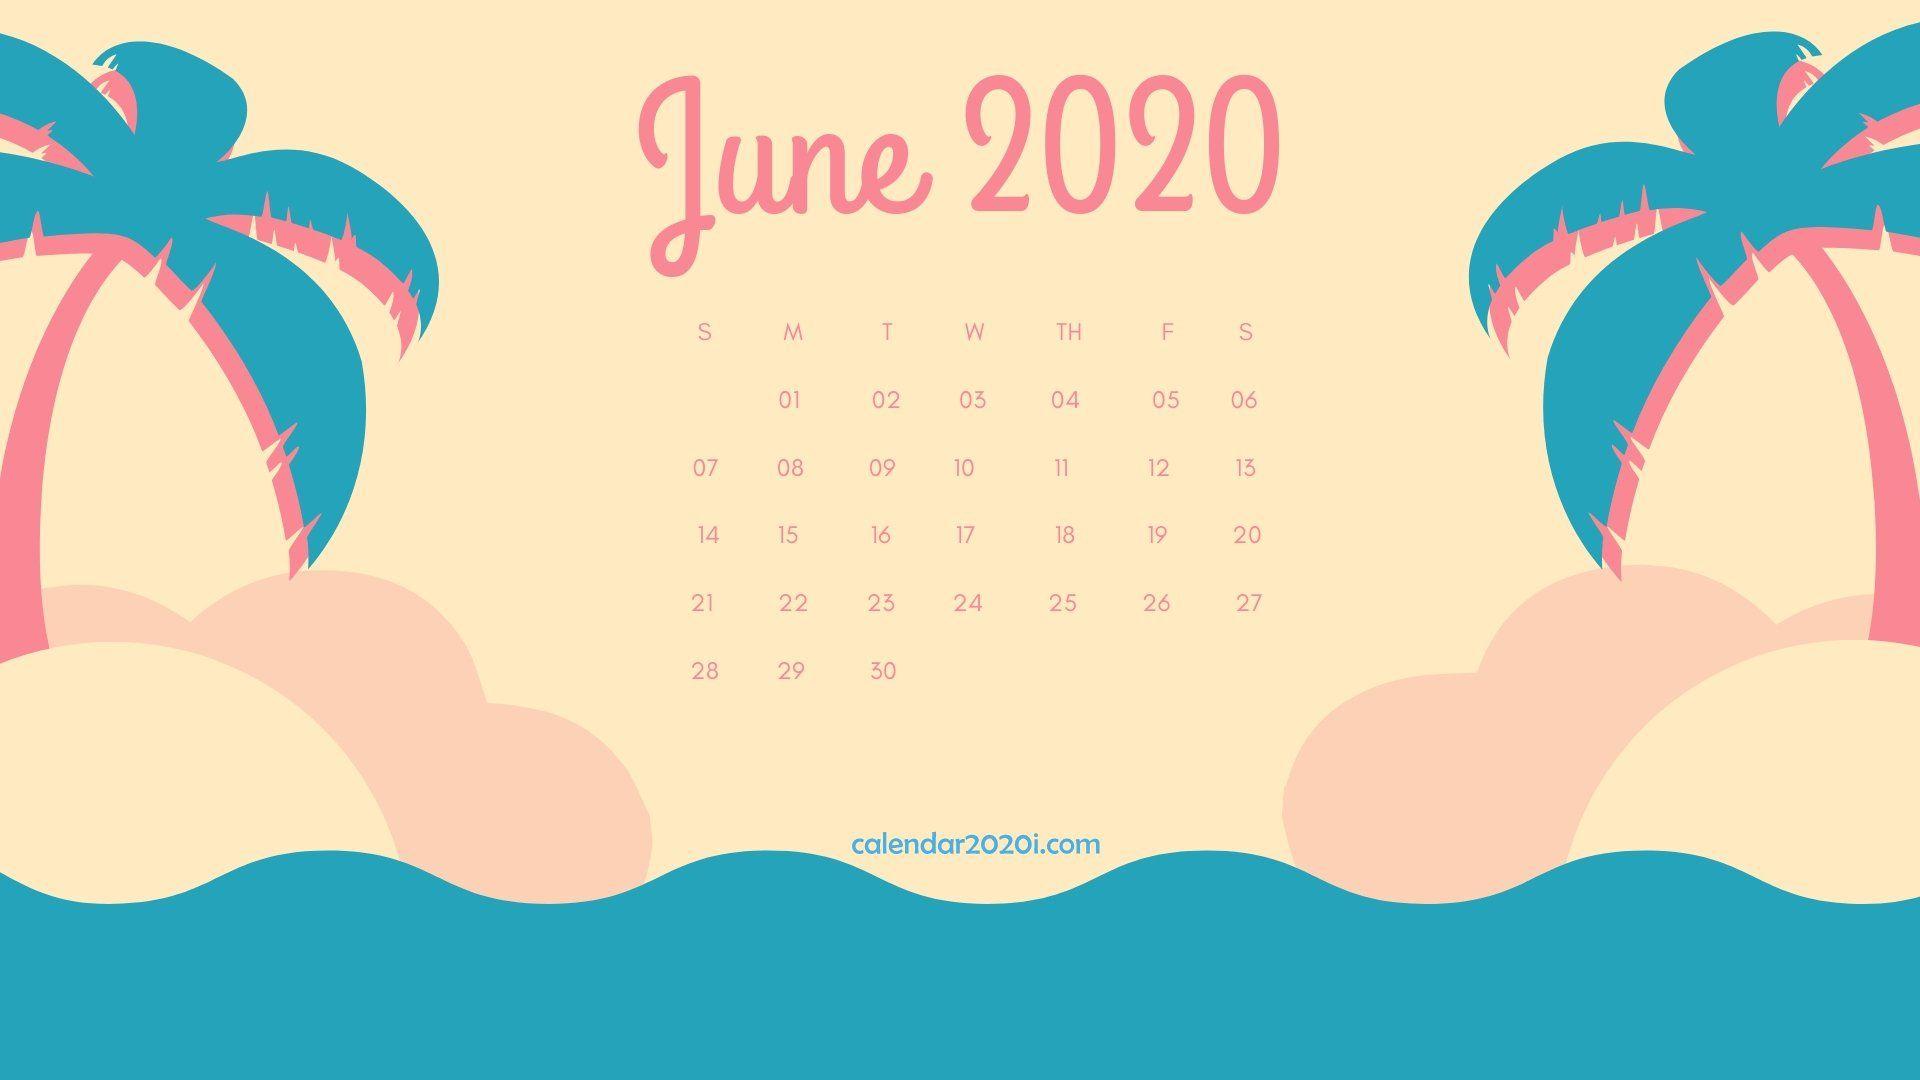 2020 Calendar Monthly HD Wallpapers Calendar wallpaper